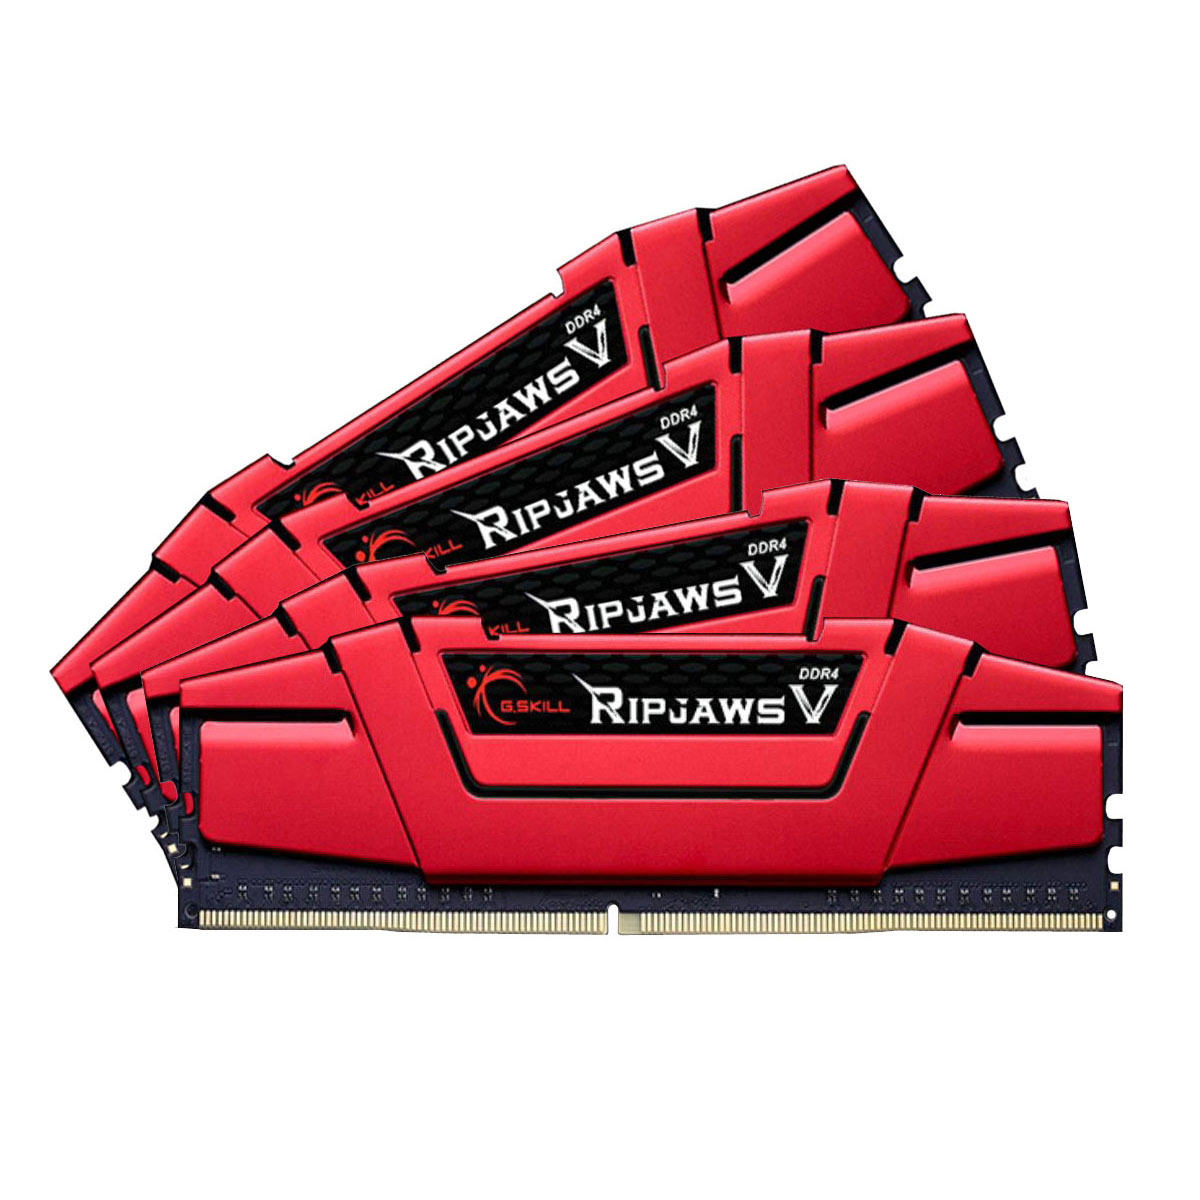 Mémoire PC G.Skill RipJaws 5 Series Rouge 16 Go (4x 4 Go) DDR4 2400 MHz CL15 Kit Quad Channel 4 barrettes de RAM DDR4 PC4-19200 - F4-2400C15Q-16GVR (garantie 10 ans par G.Skill)